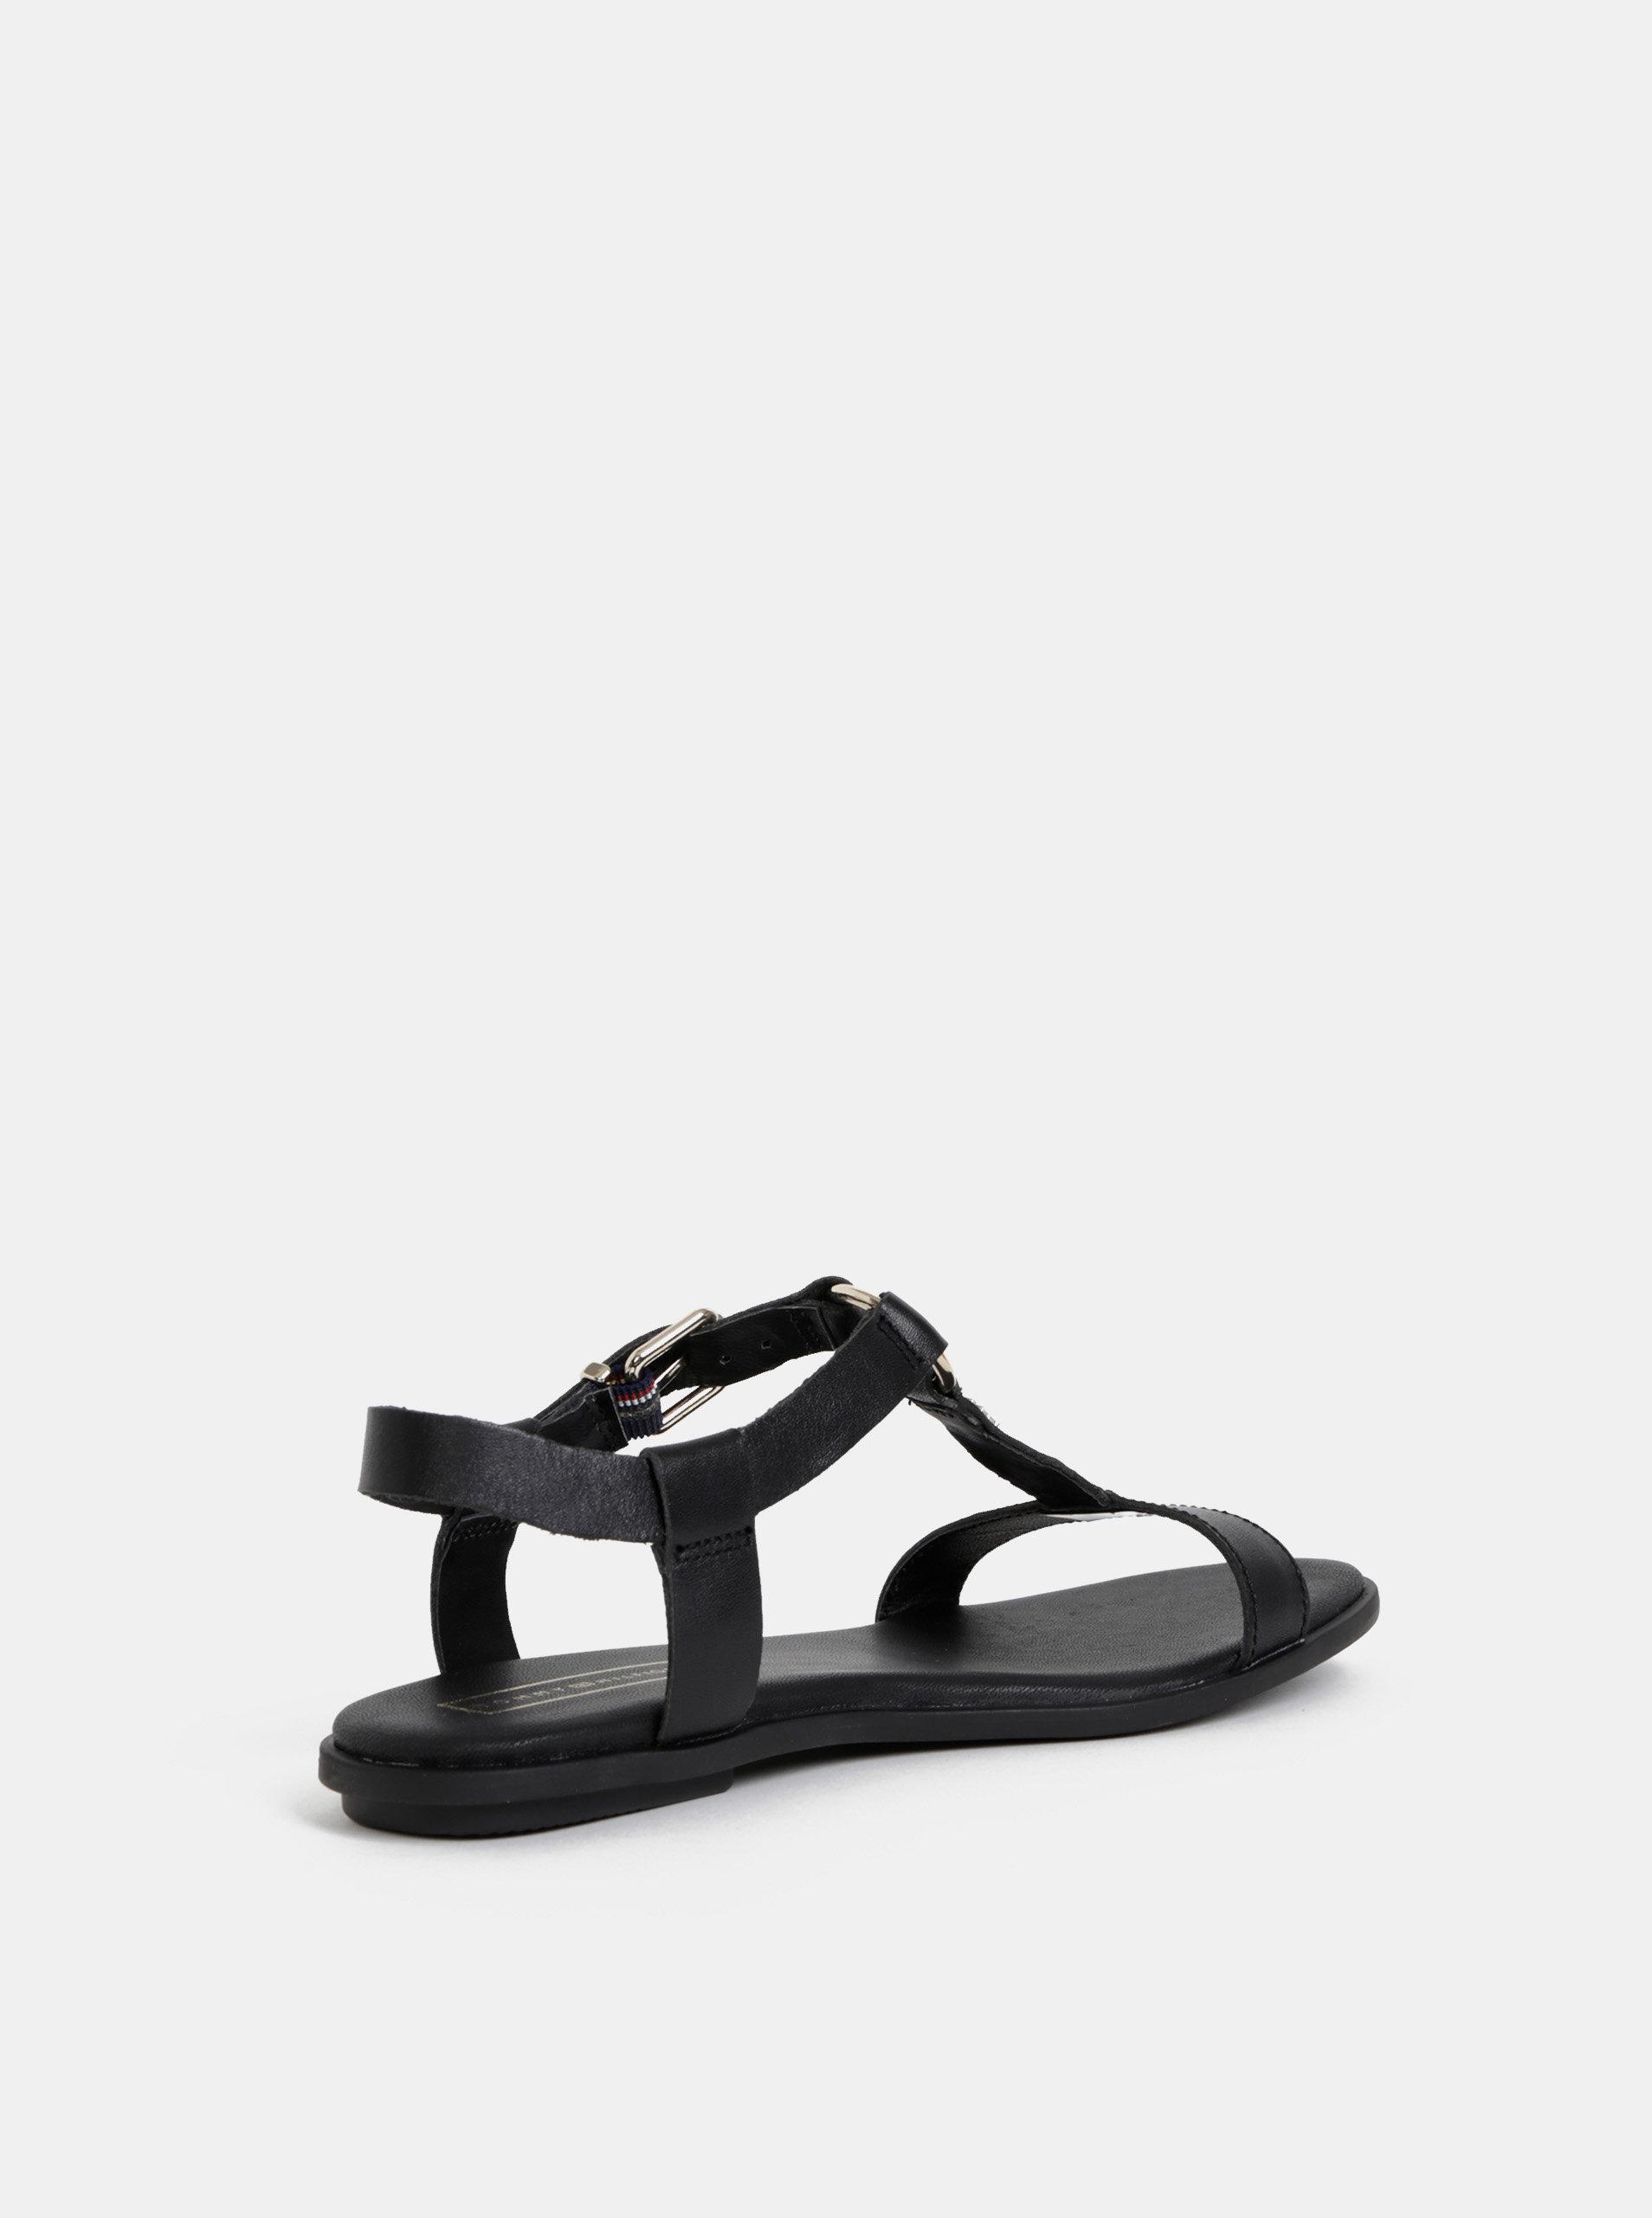 9977edc099847 Čierne dámske kožené sandálky Tommy Hilfiger   ZOOT.sk